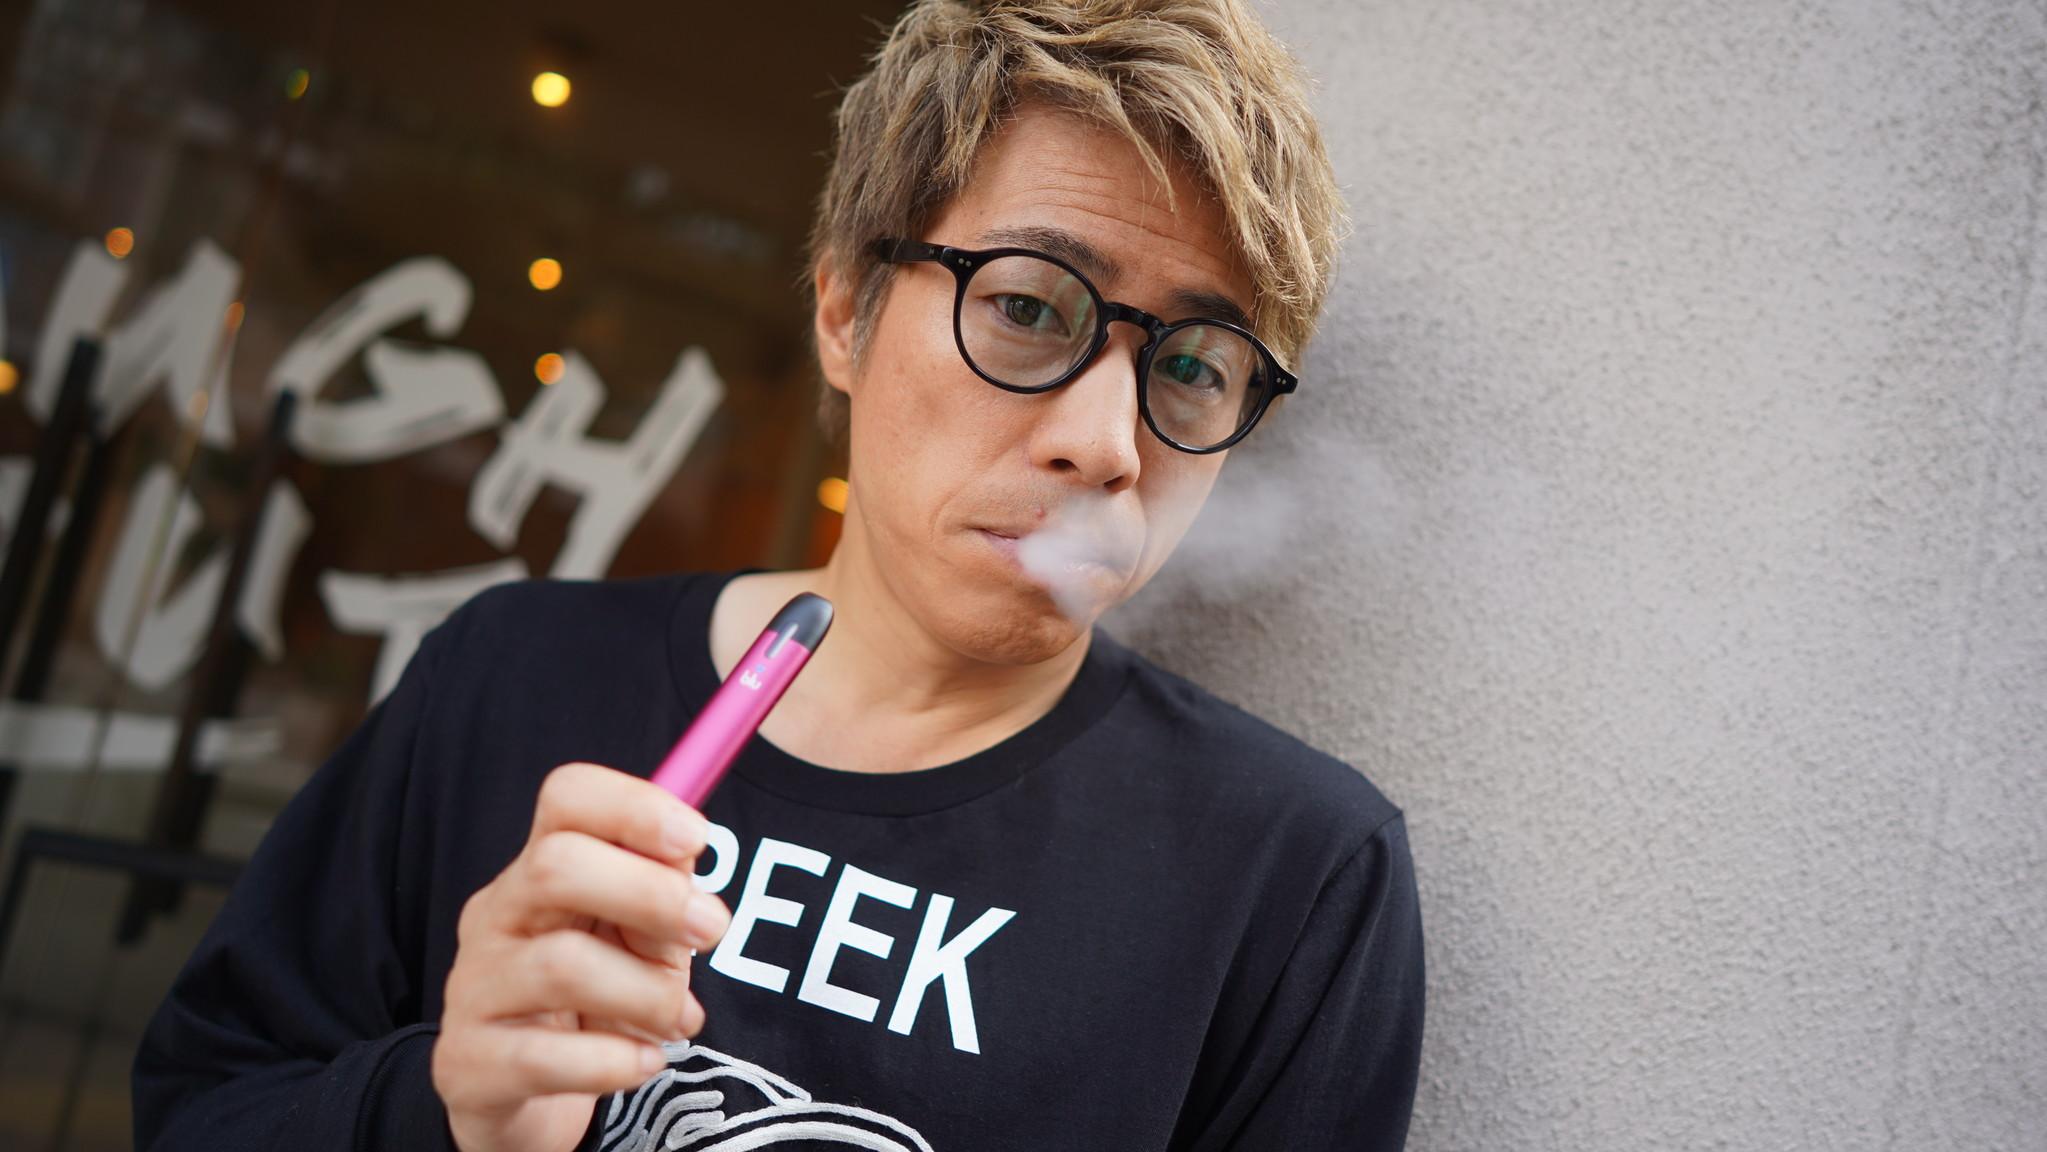 芸能人 タバコ 吸う